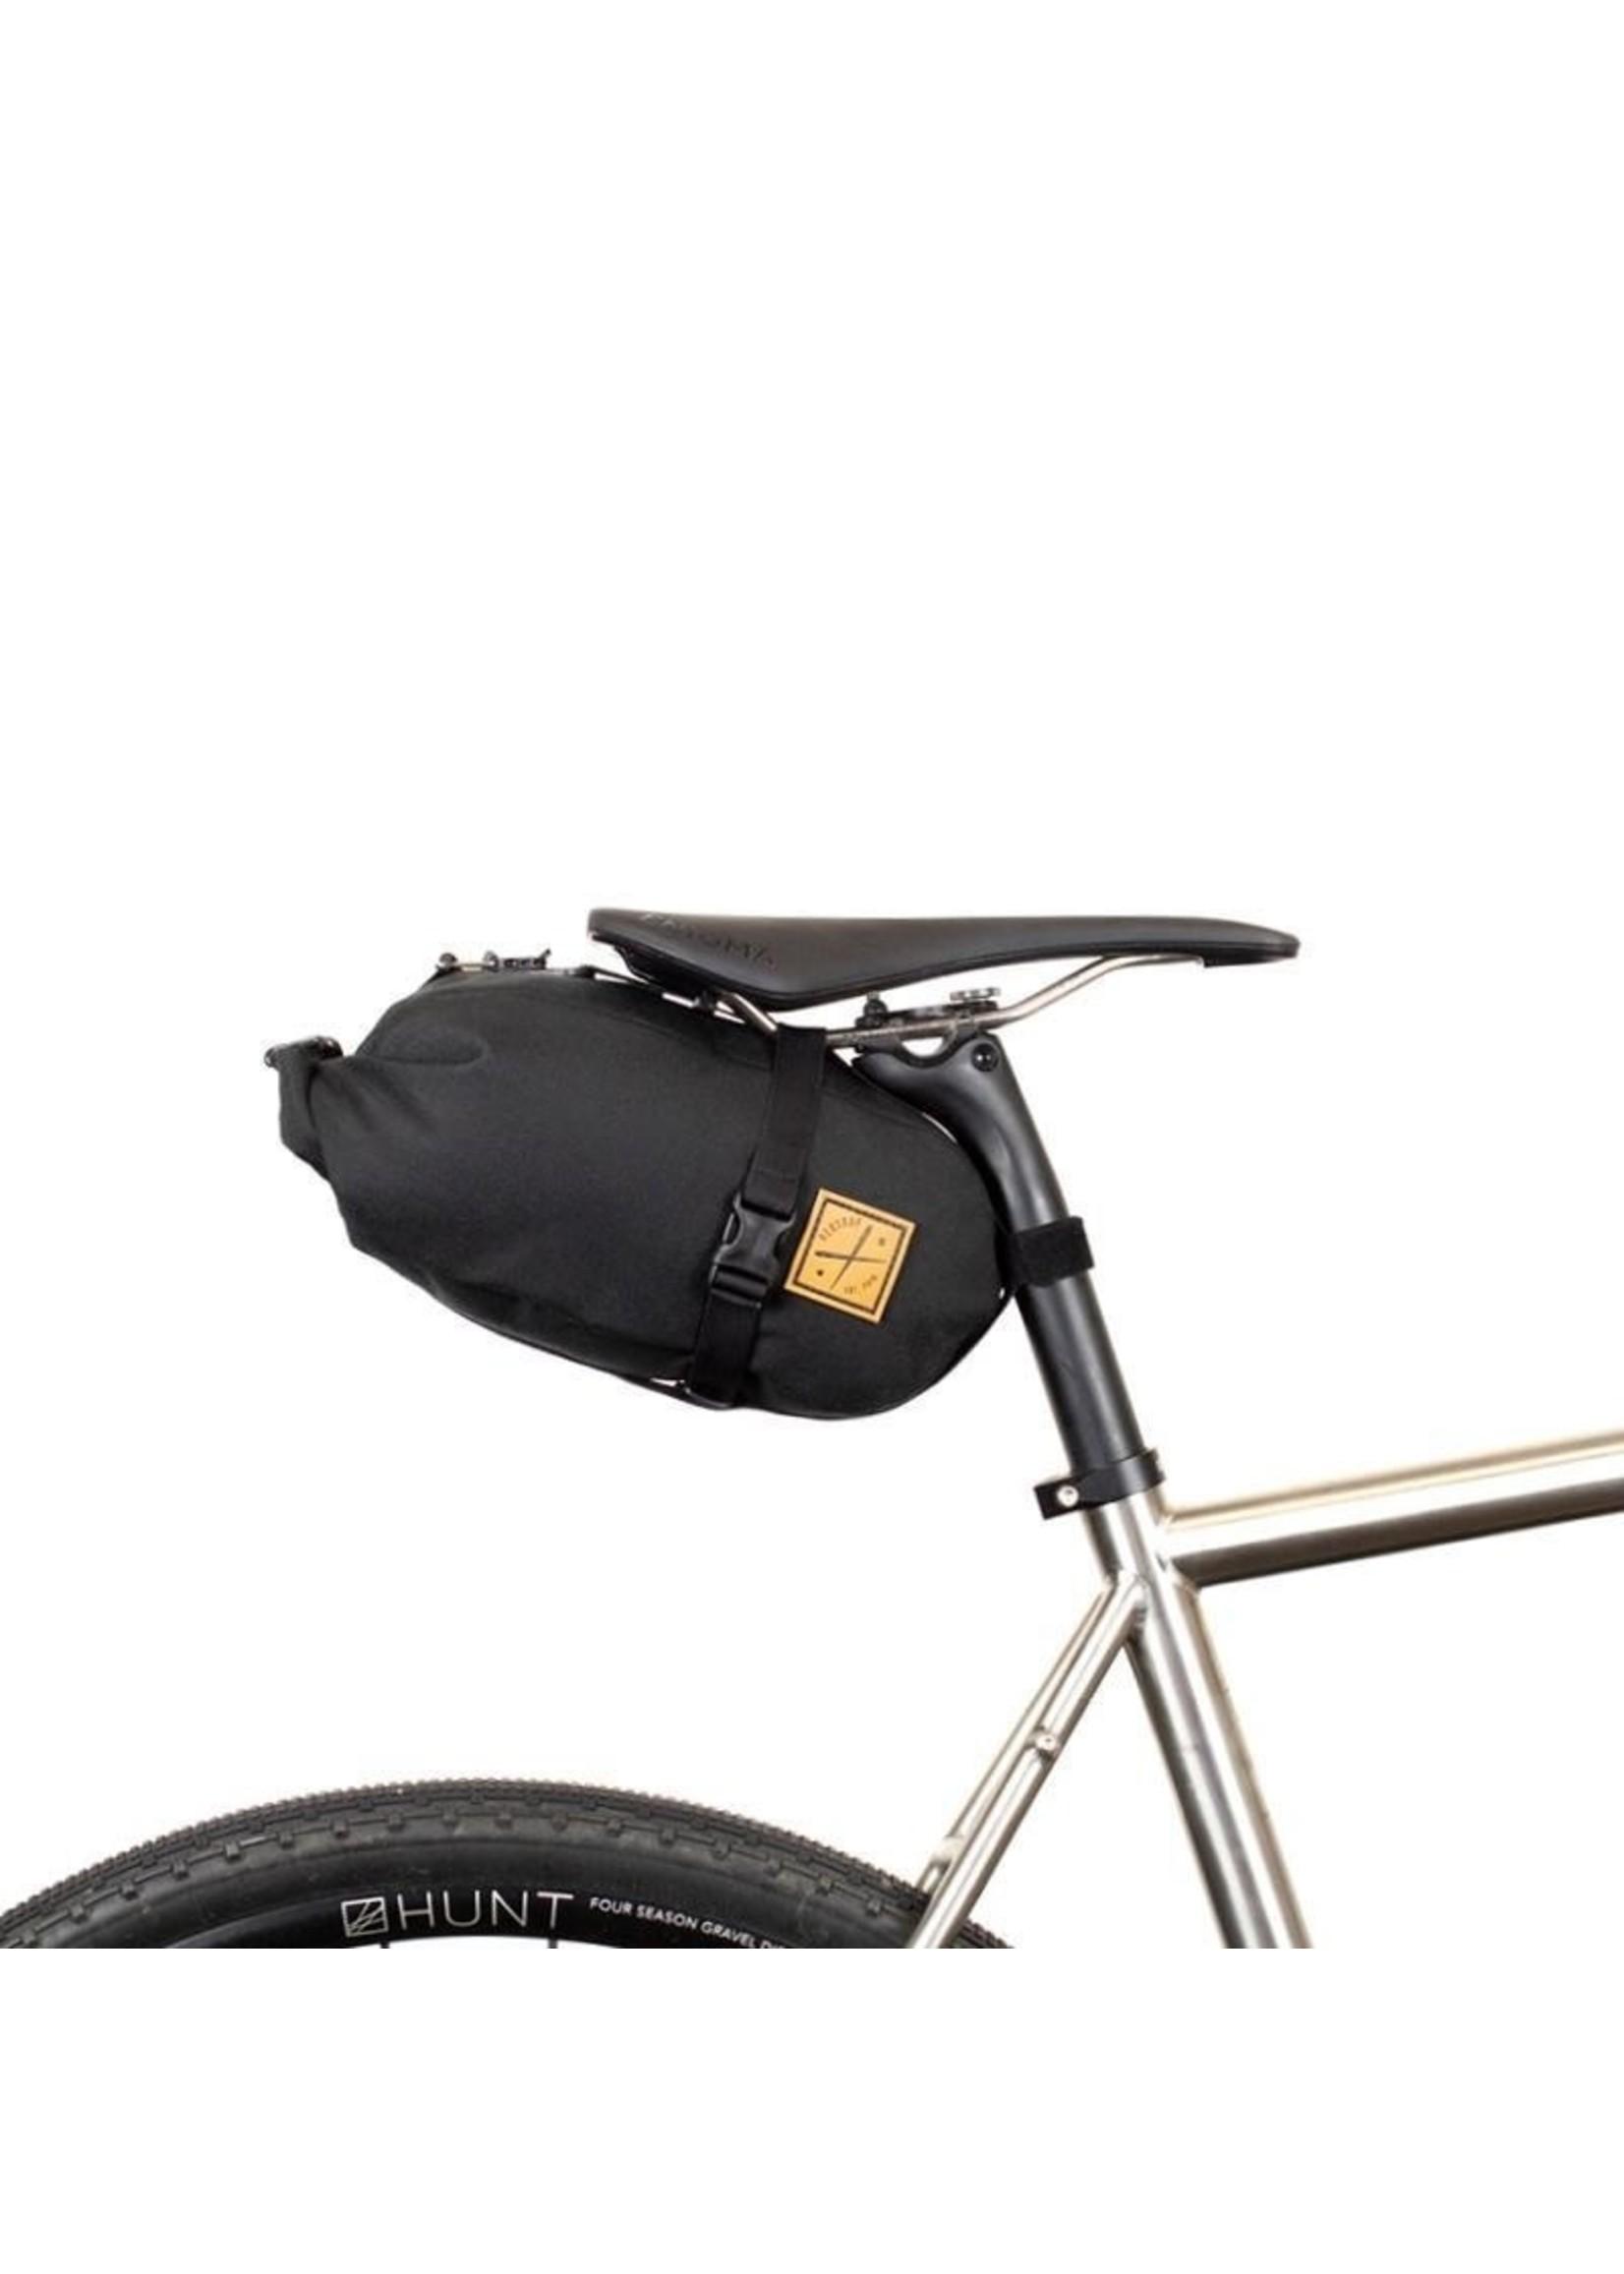 Restrap Restrap Saddle Pack, Black, 4.5L